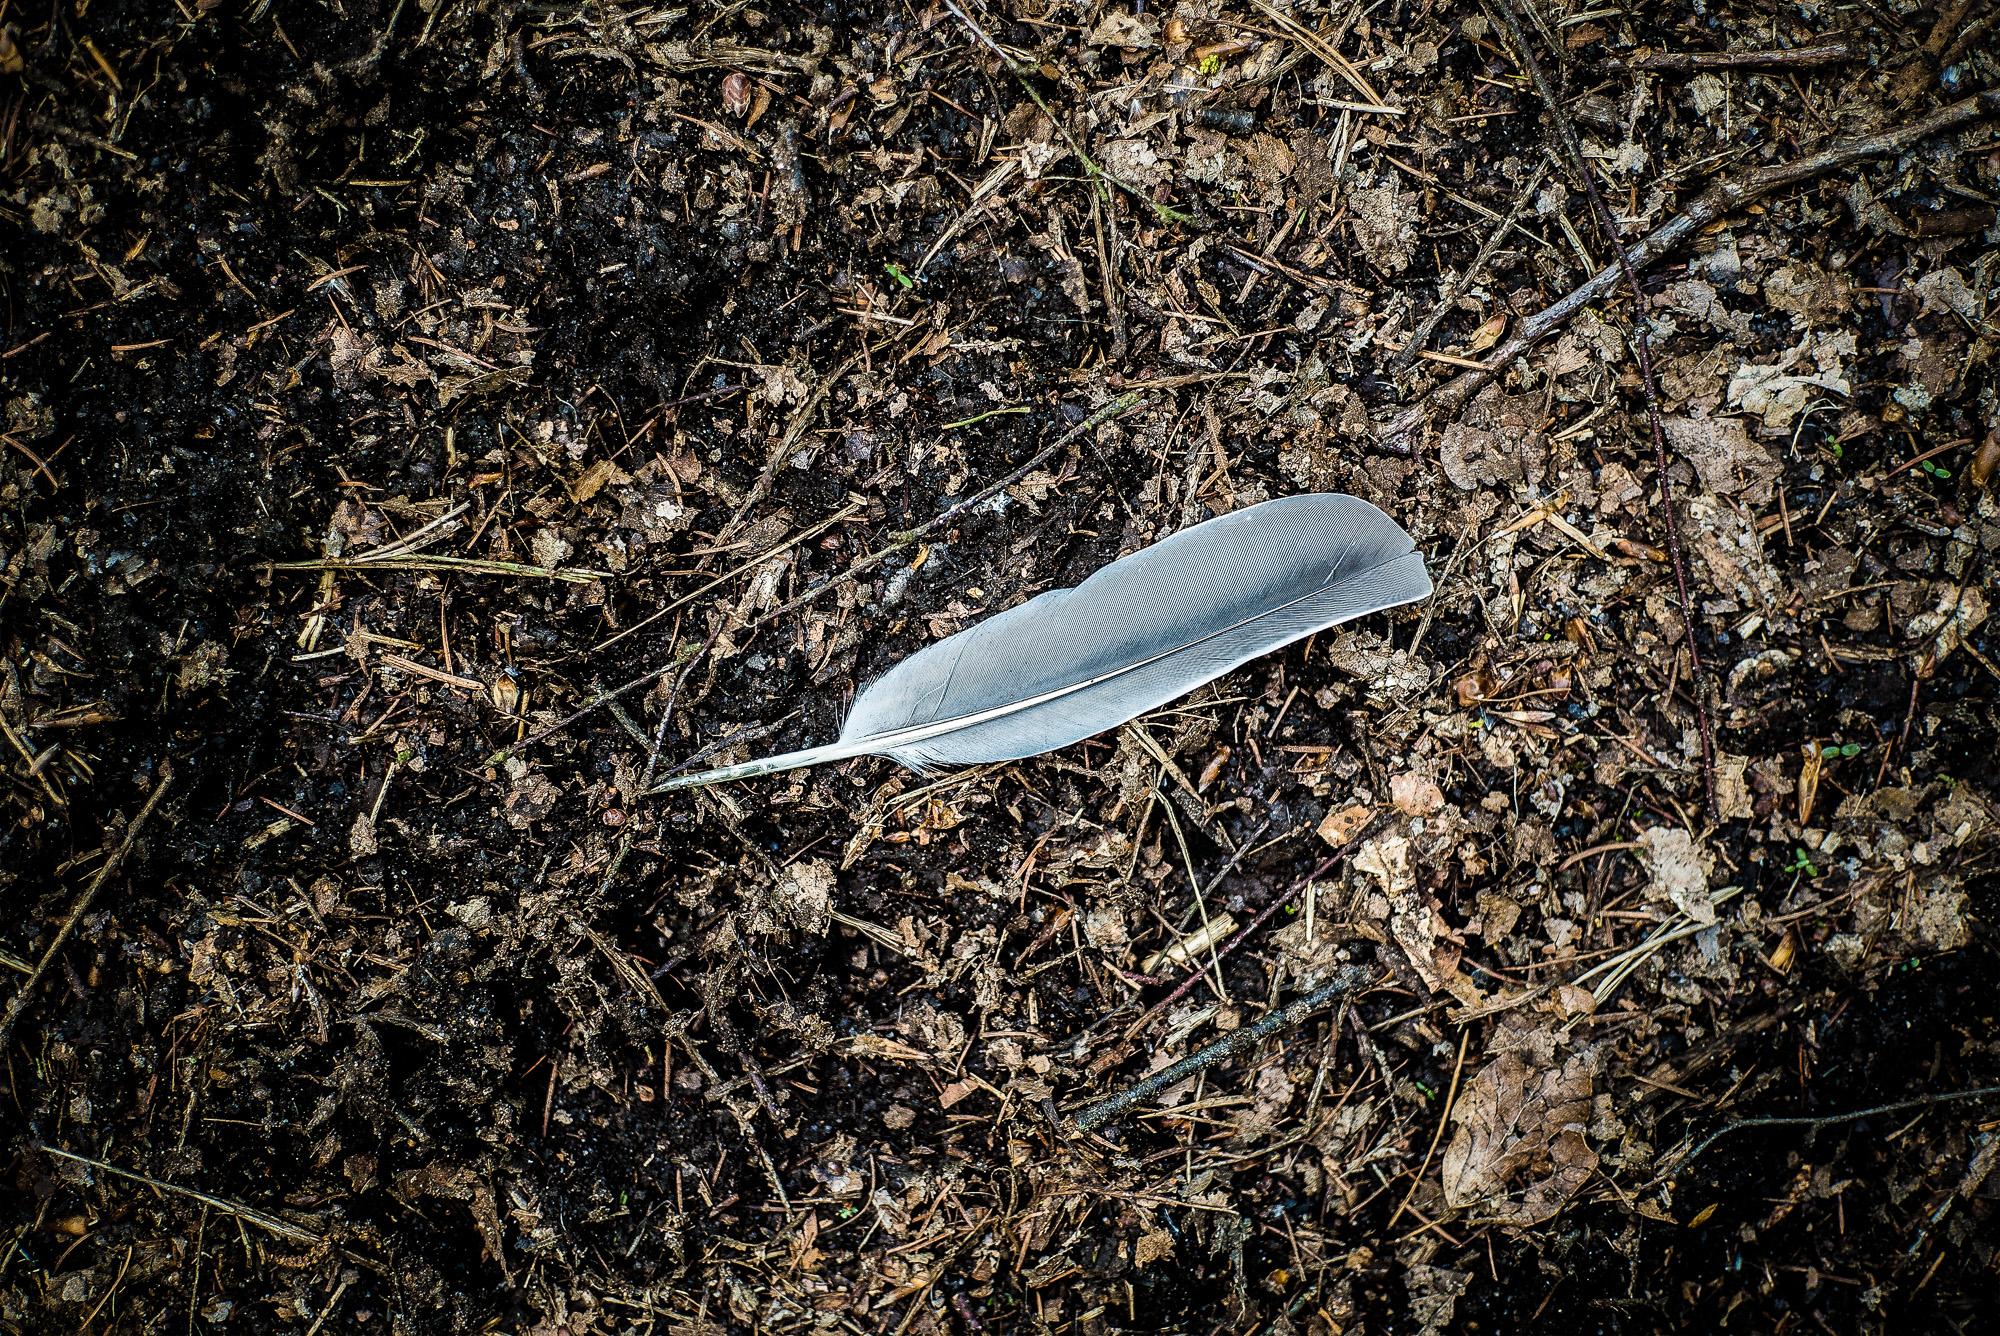 einzelne Feder auf dem Waldboden in kontrastreicher Bildbearbeitung